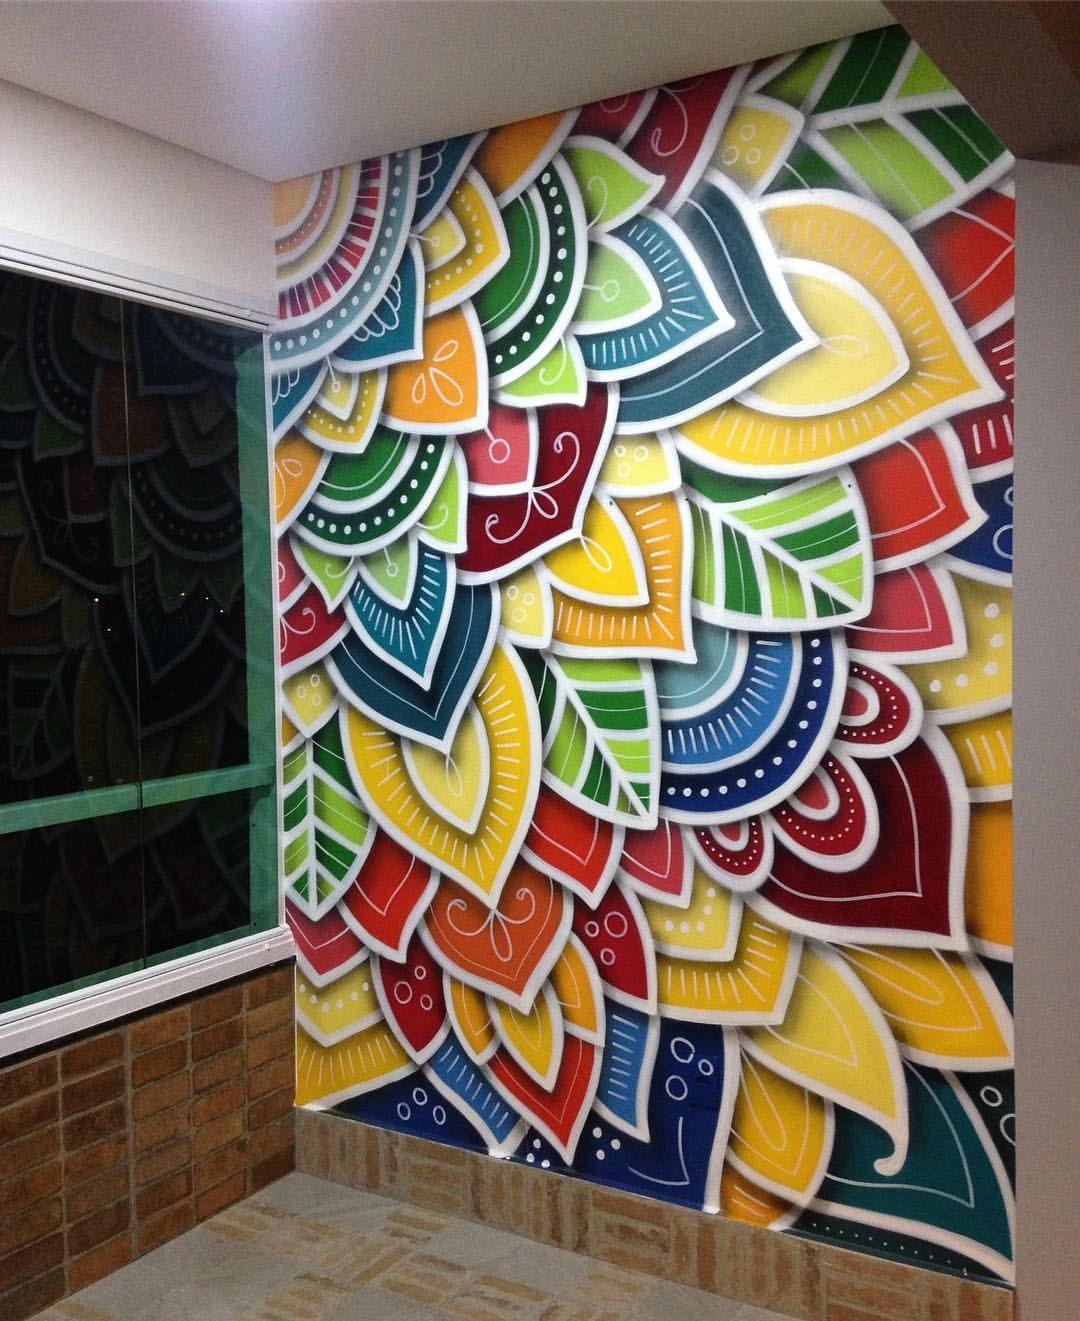 Imagem Relacionada Mandala Wall Art Mural Wall Art Wall Paint